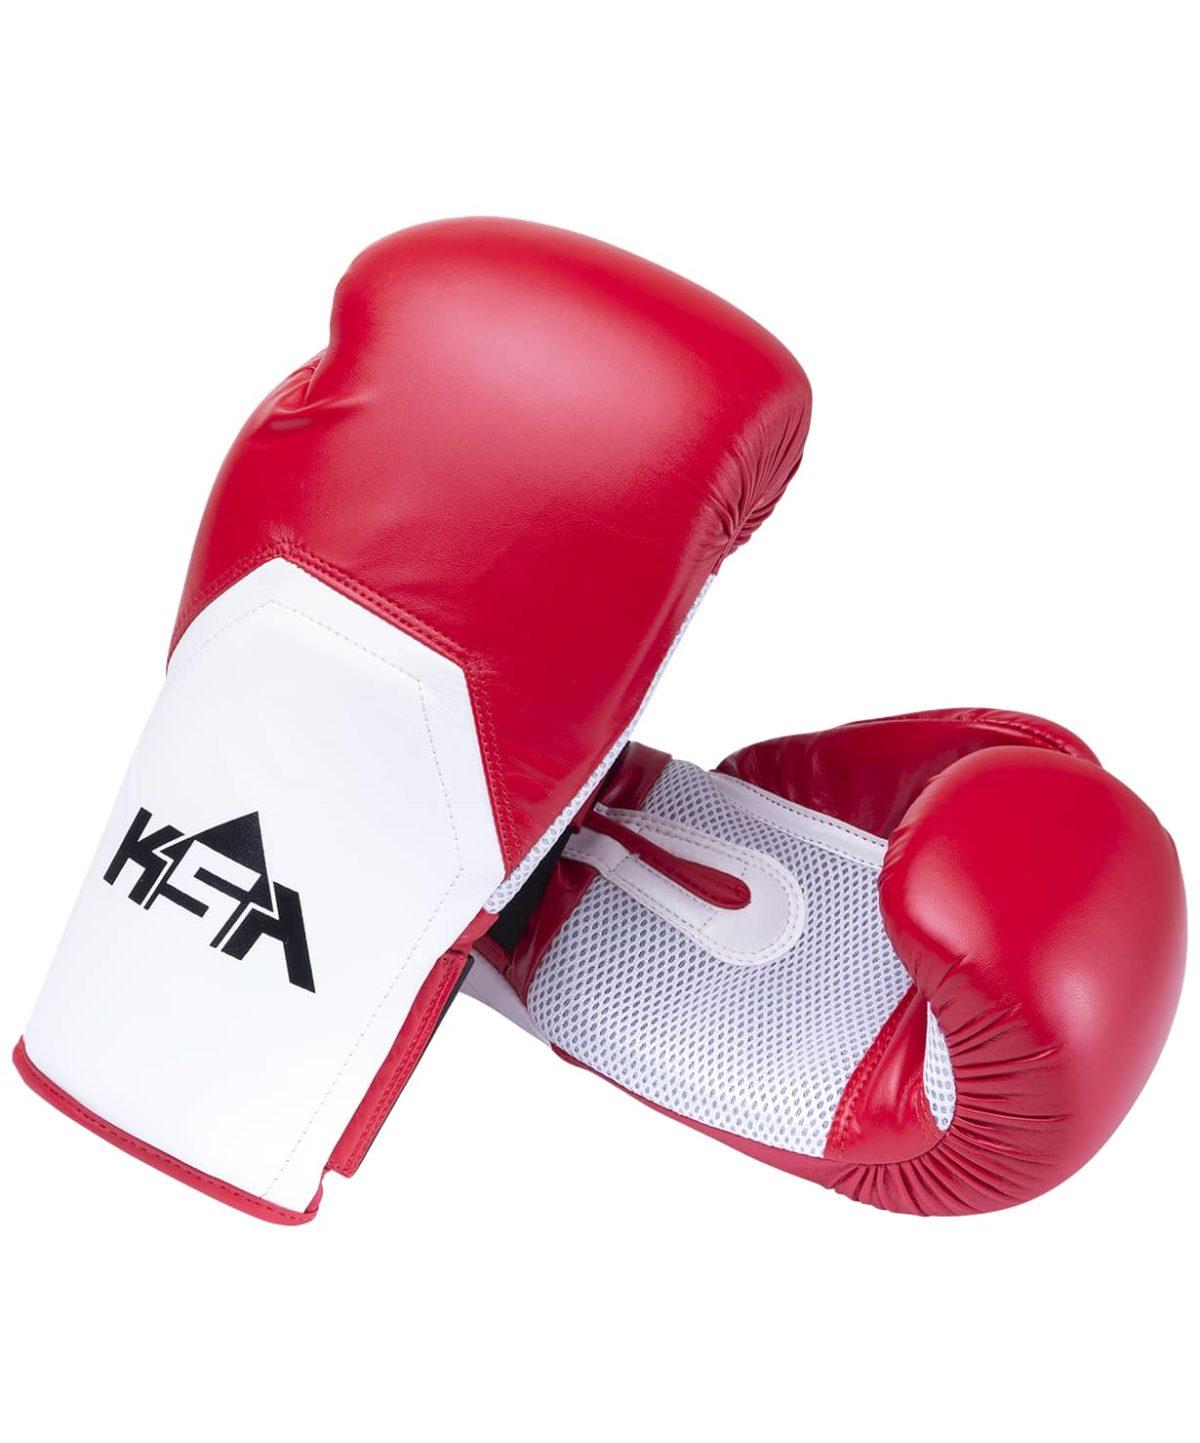 KSA Scorpio Red Перчатки боксерские, 8 oz, к/з 17823: красный - 1